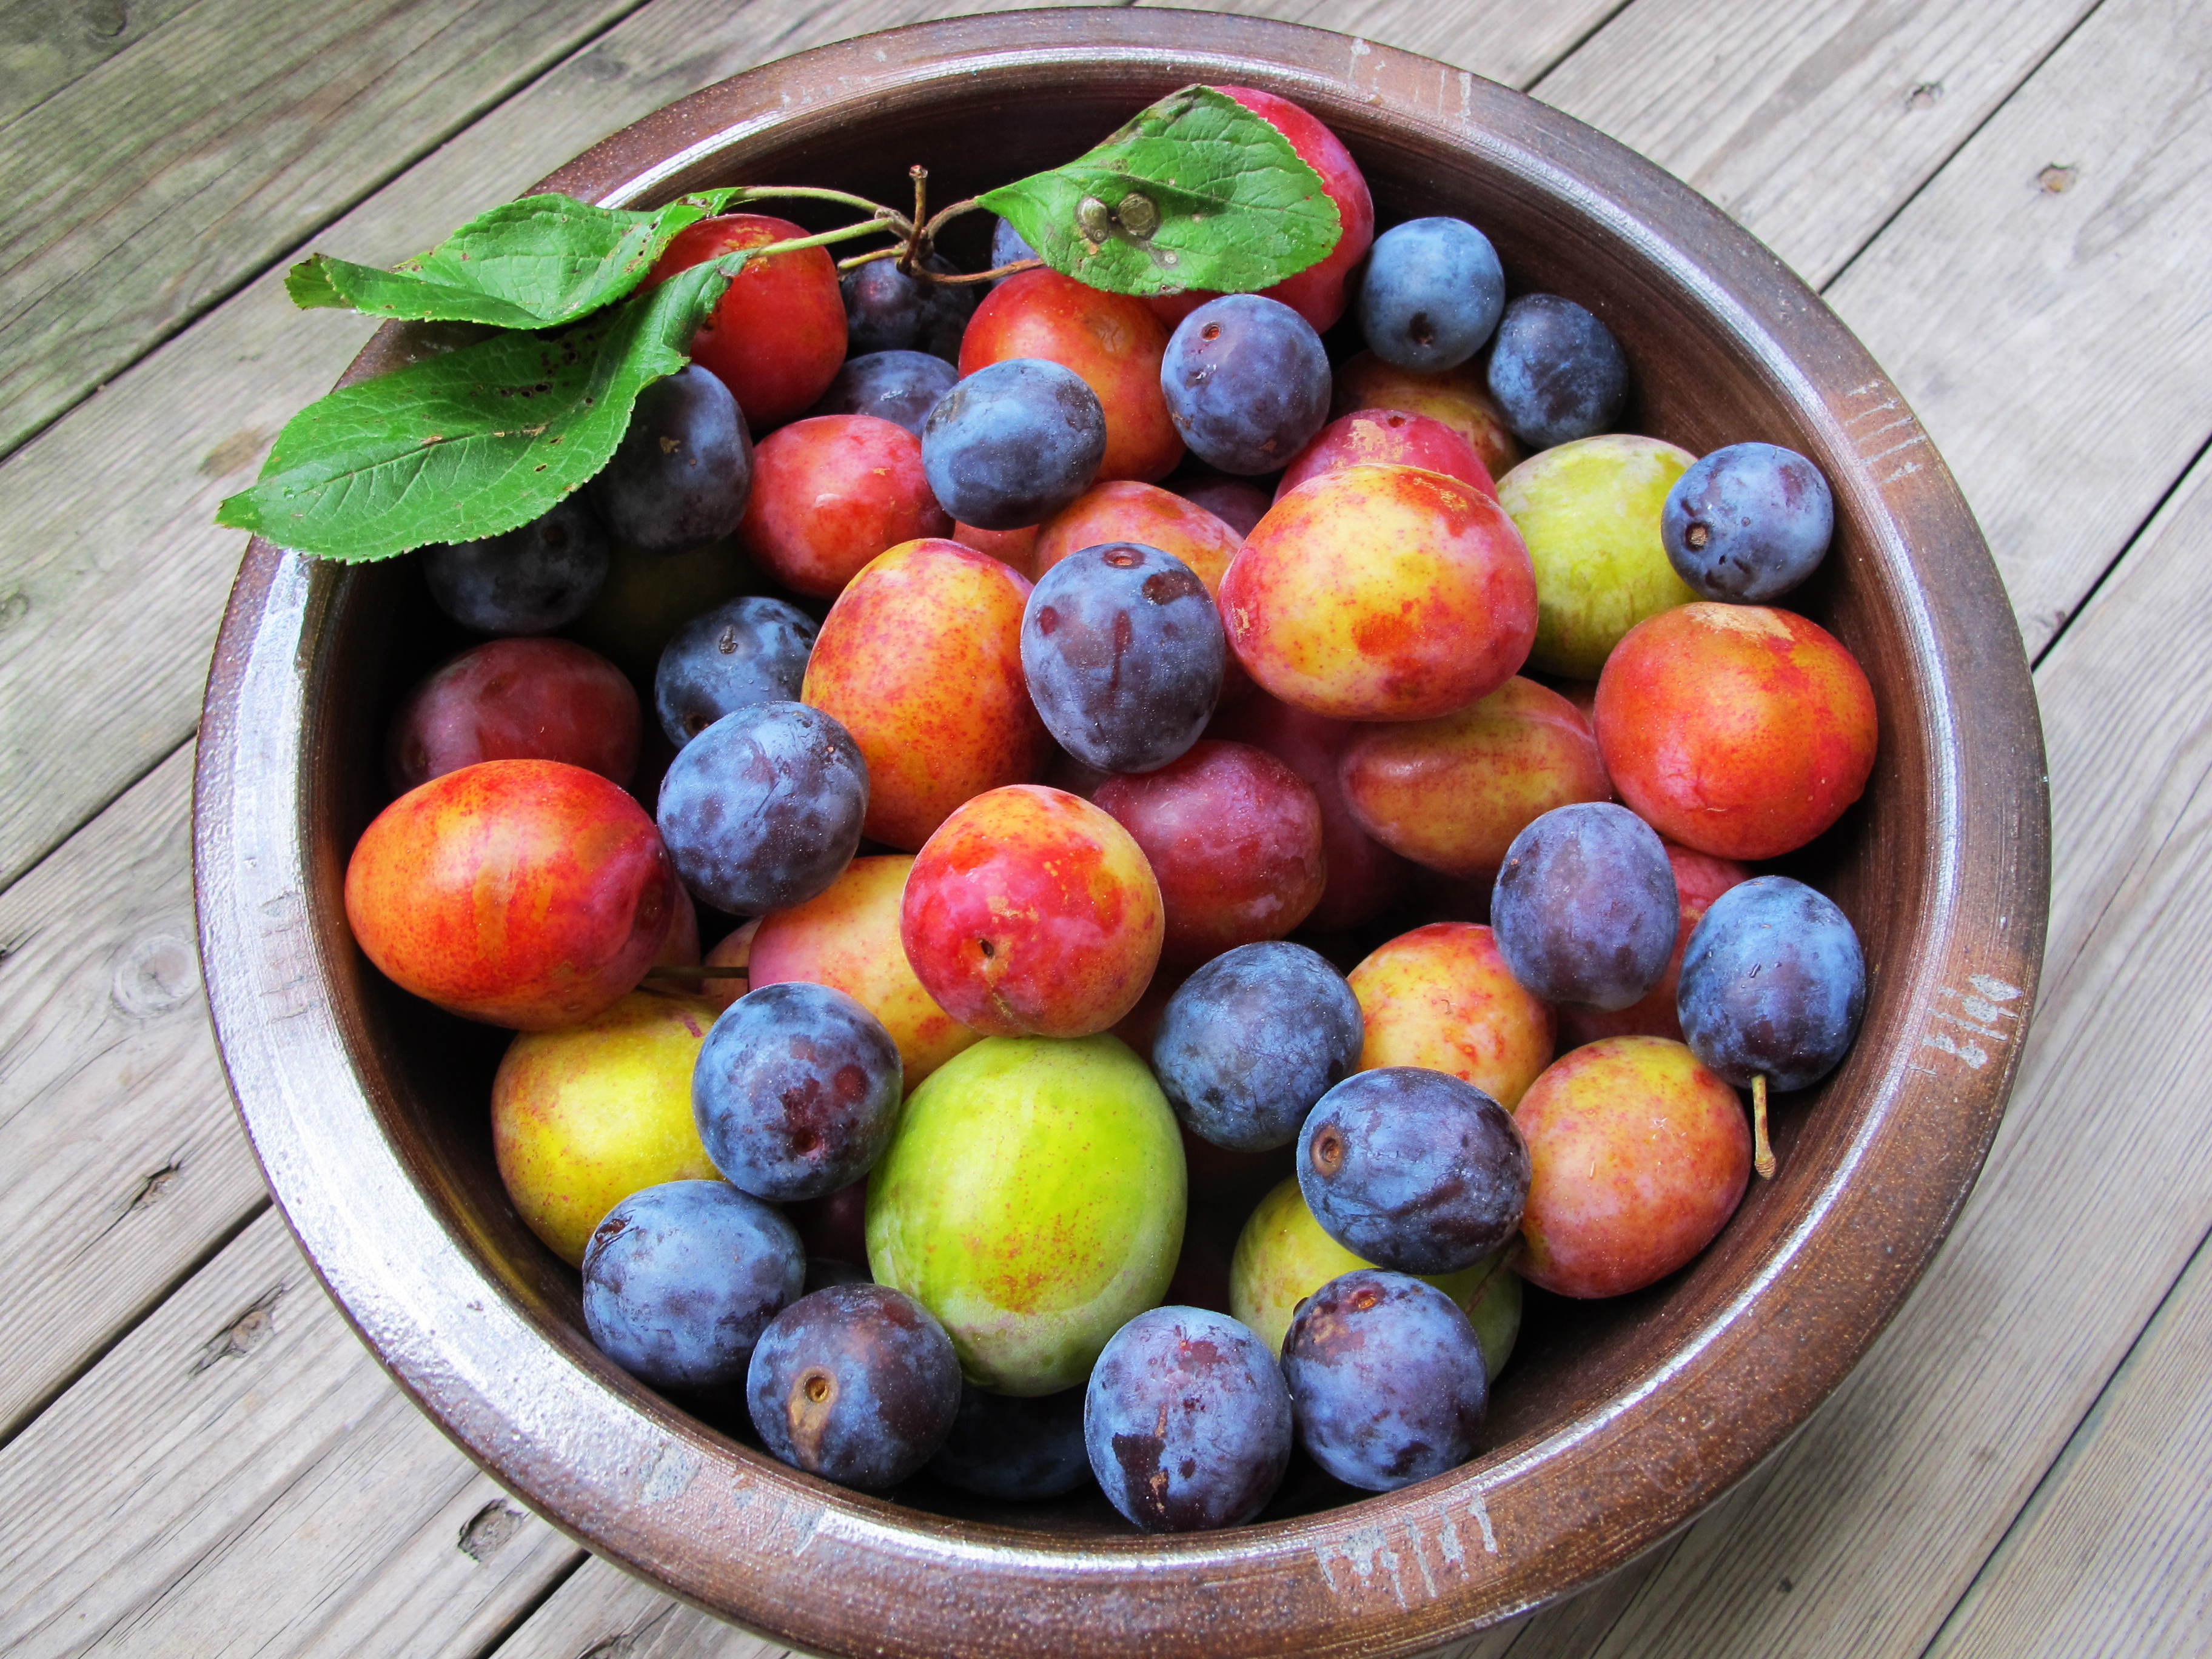 真夏のフルーツ!旬を美味しく味わう、プラムの食べ方とは?のサムネイル画像